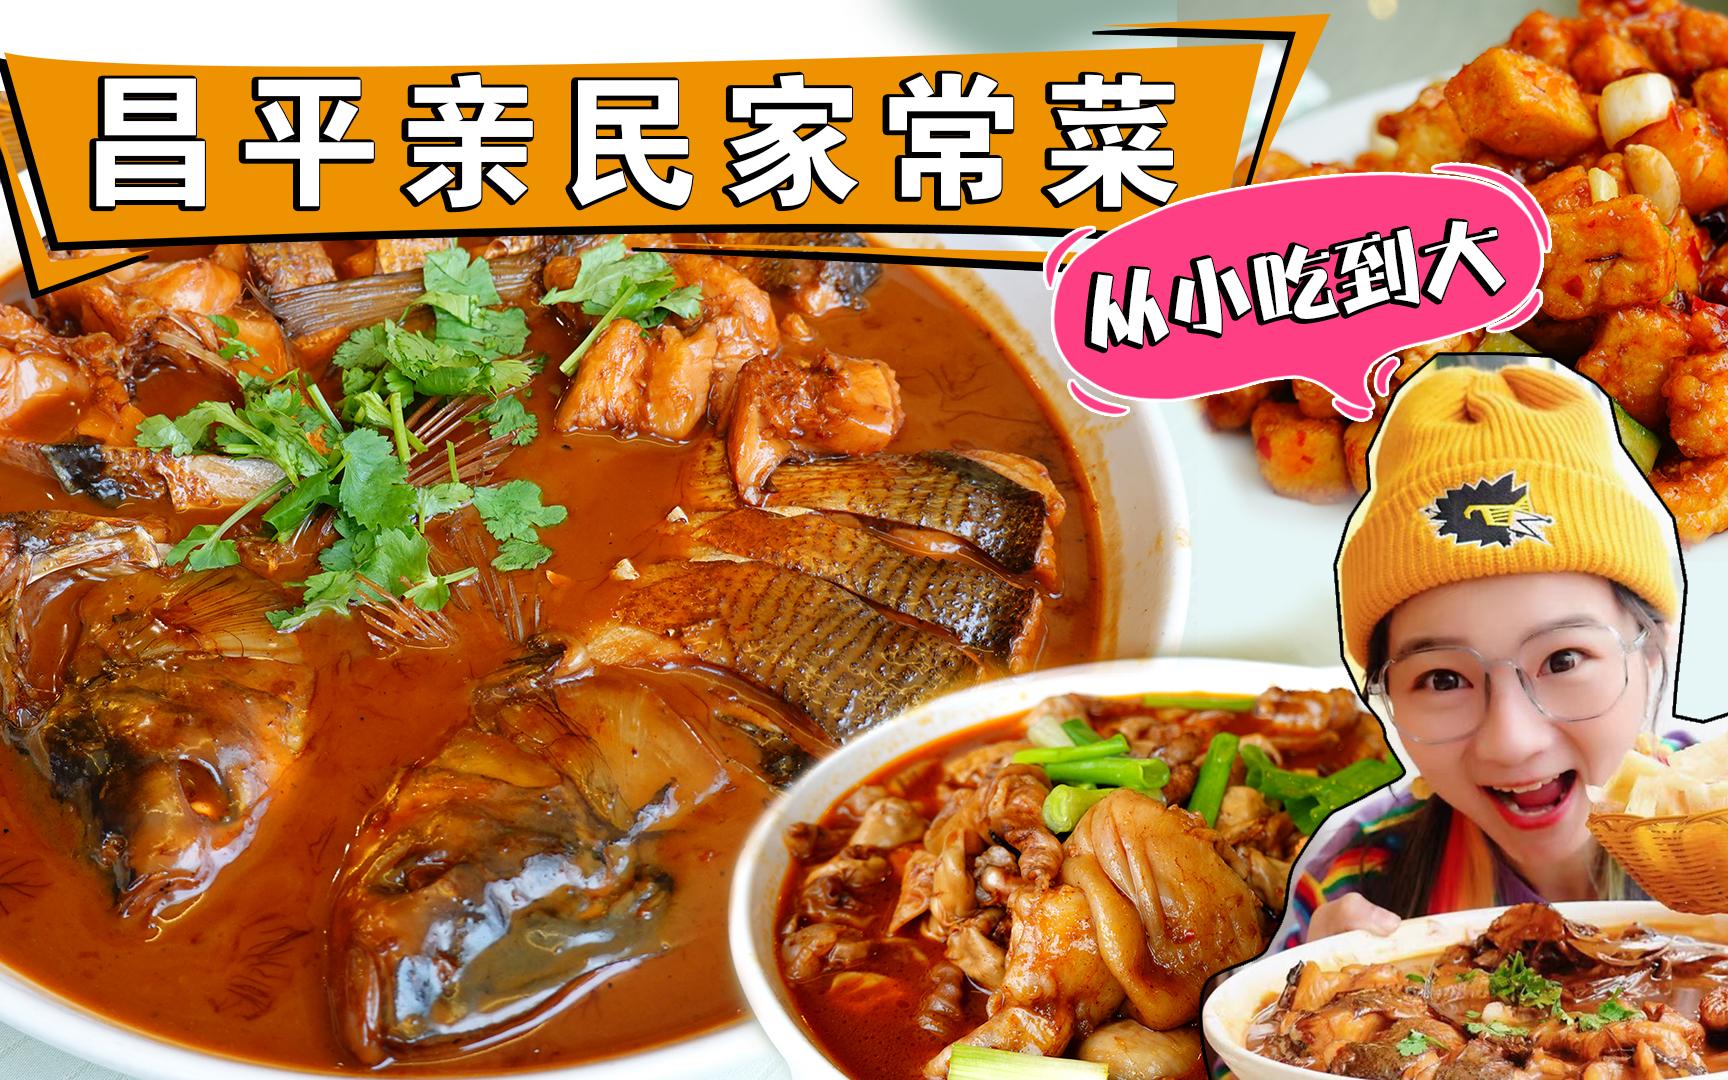 【逛吃北京】昌平最亲民家常菜,38元一整条鱼还送饼,面条8元一碗,167吃一桌~